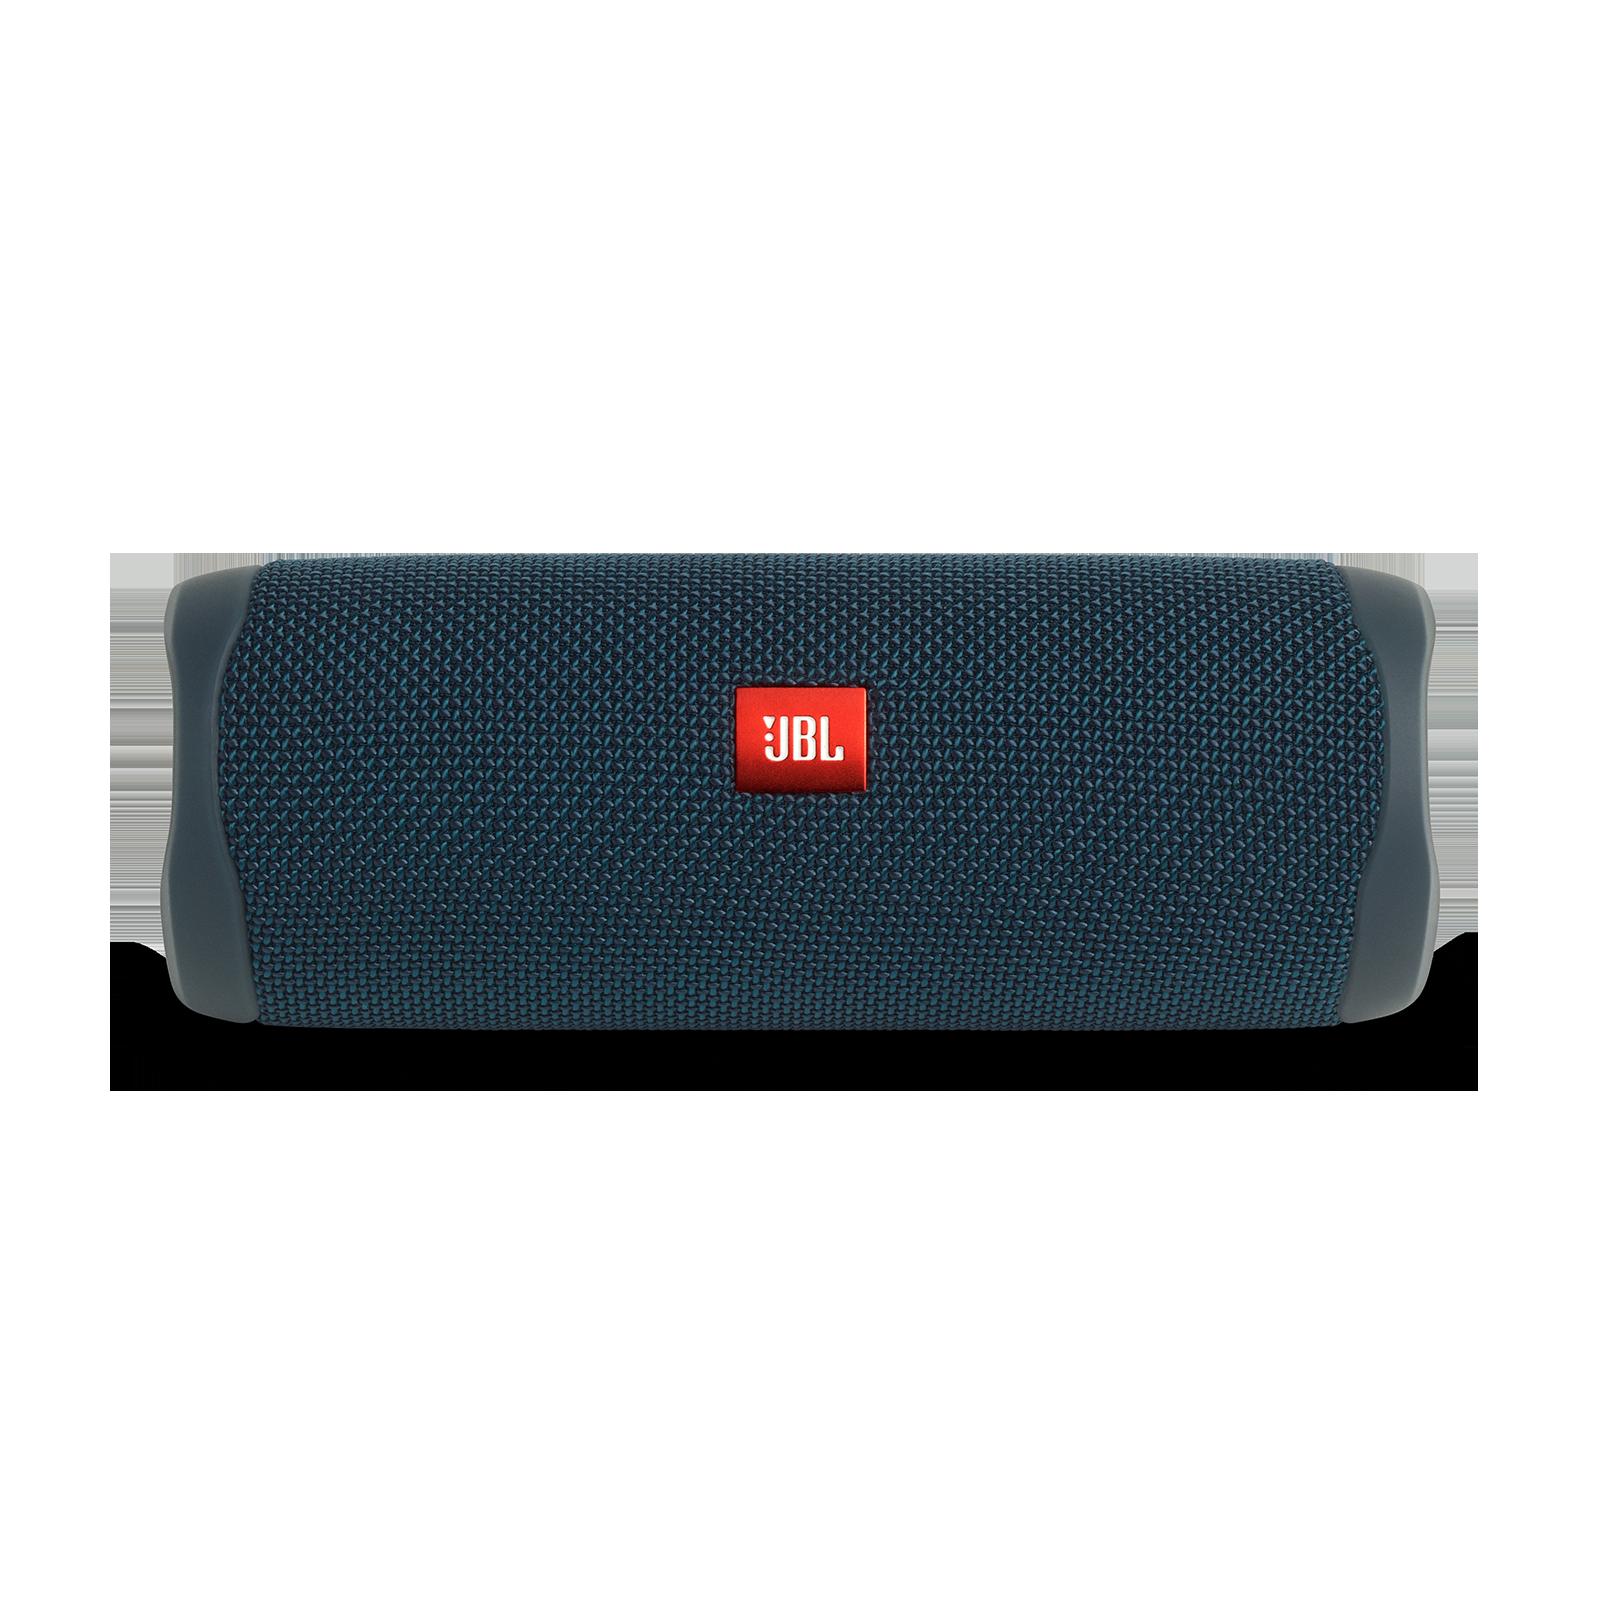 JBL FLIP 5 - Blue - Portable Waterproof Speaker - Front